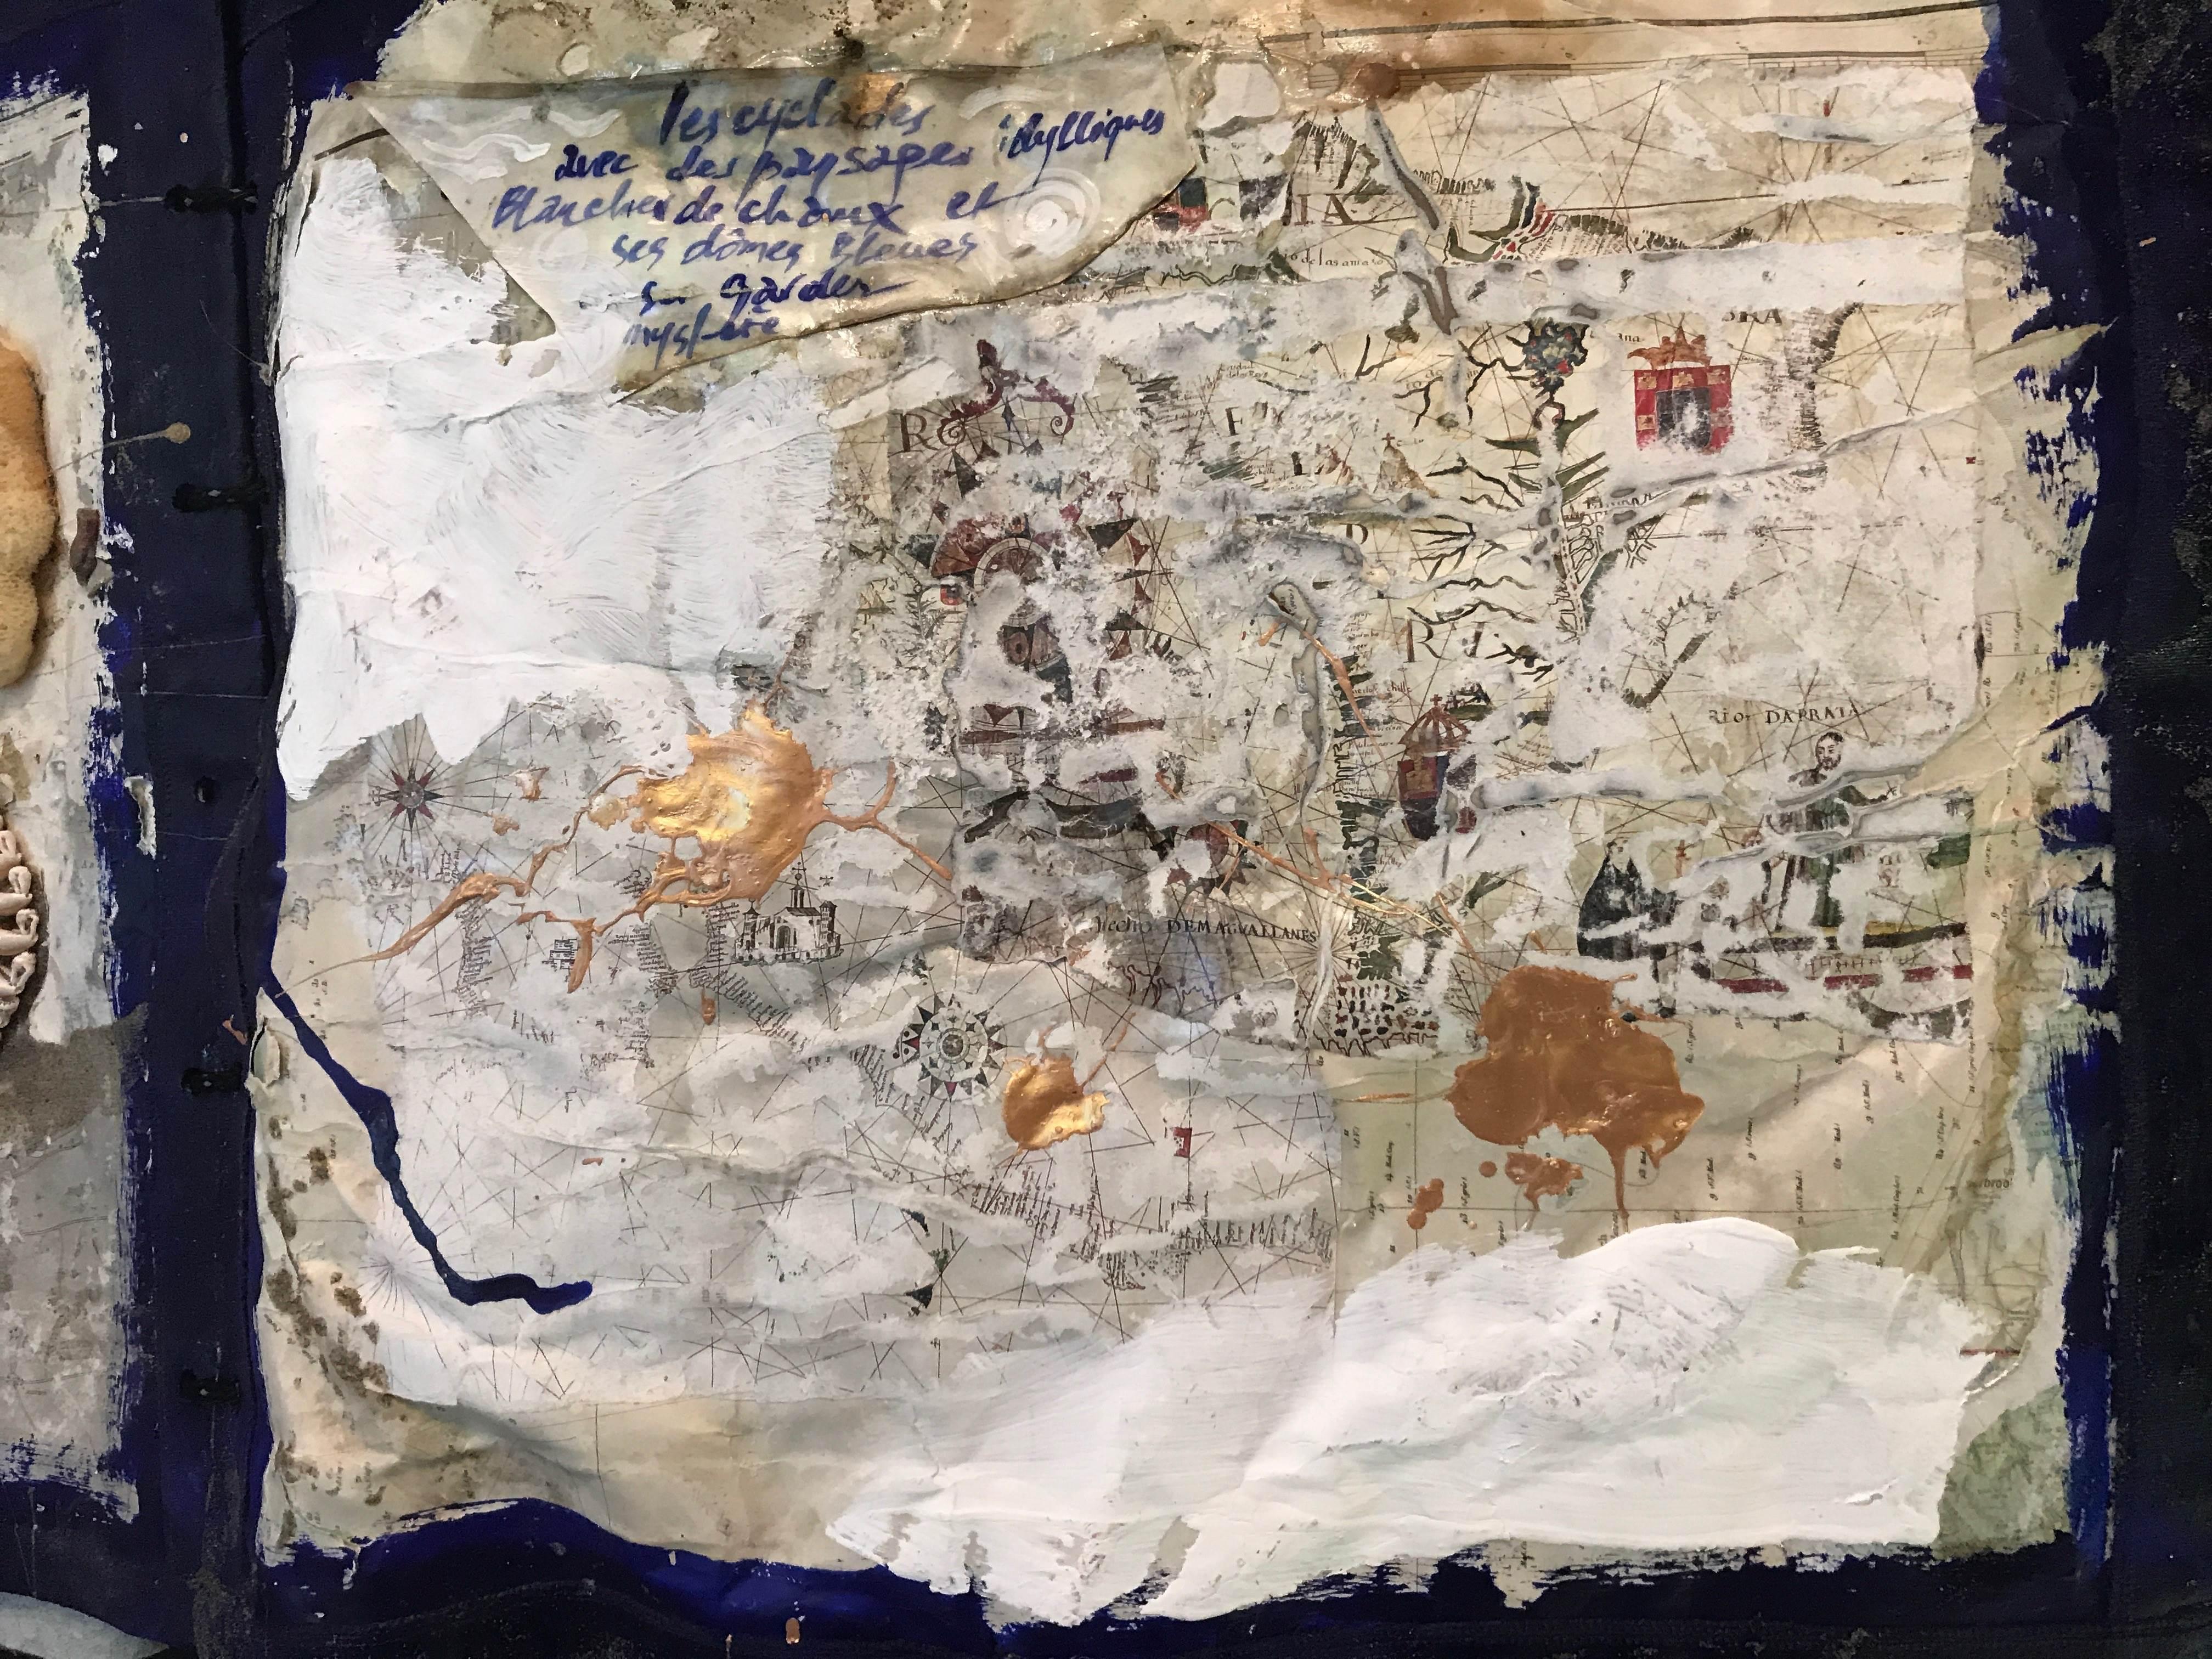 chayan khoi carnet de voyage grece (06).